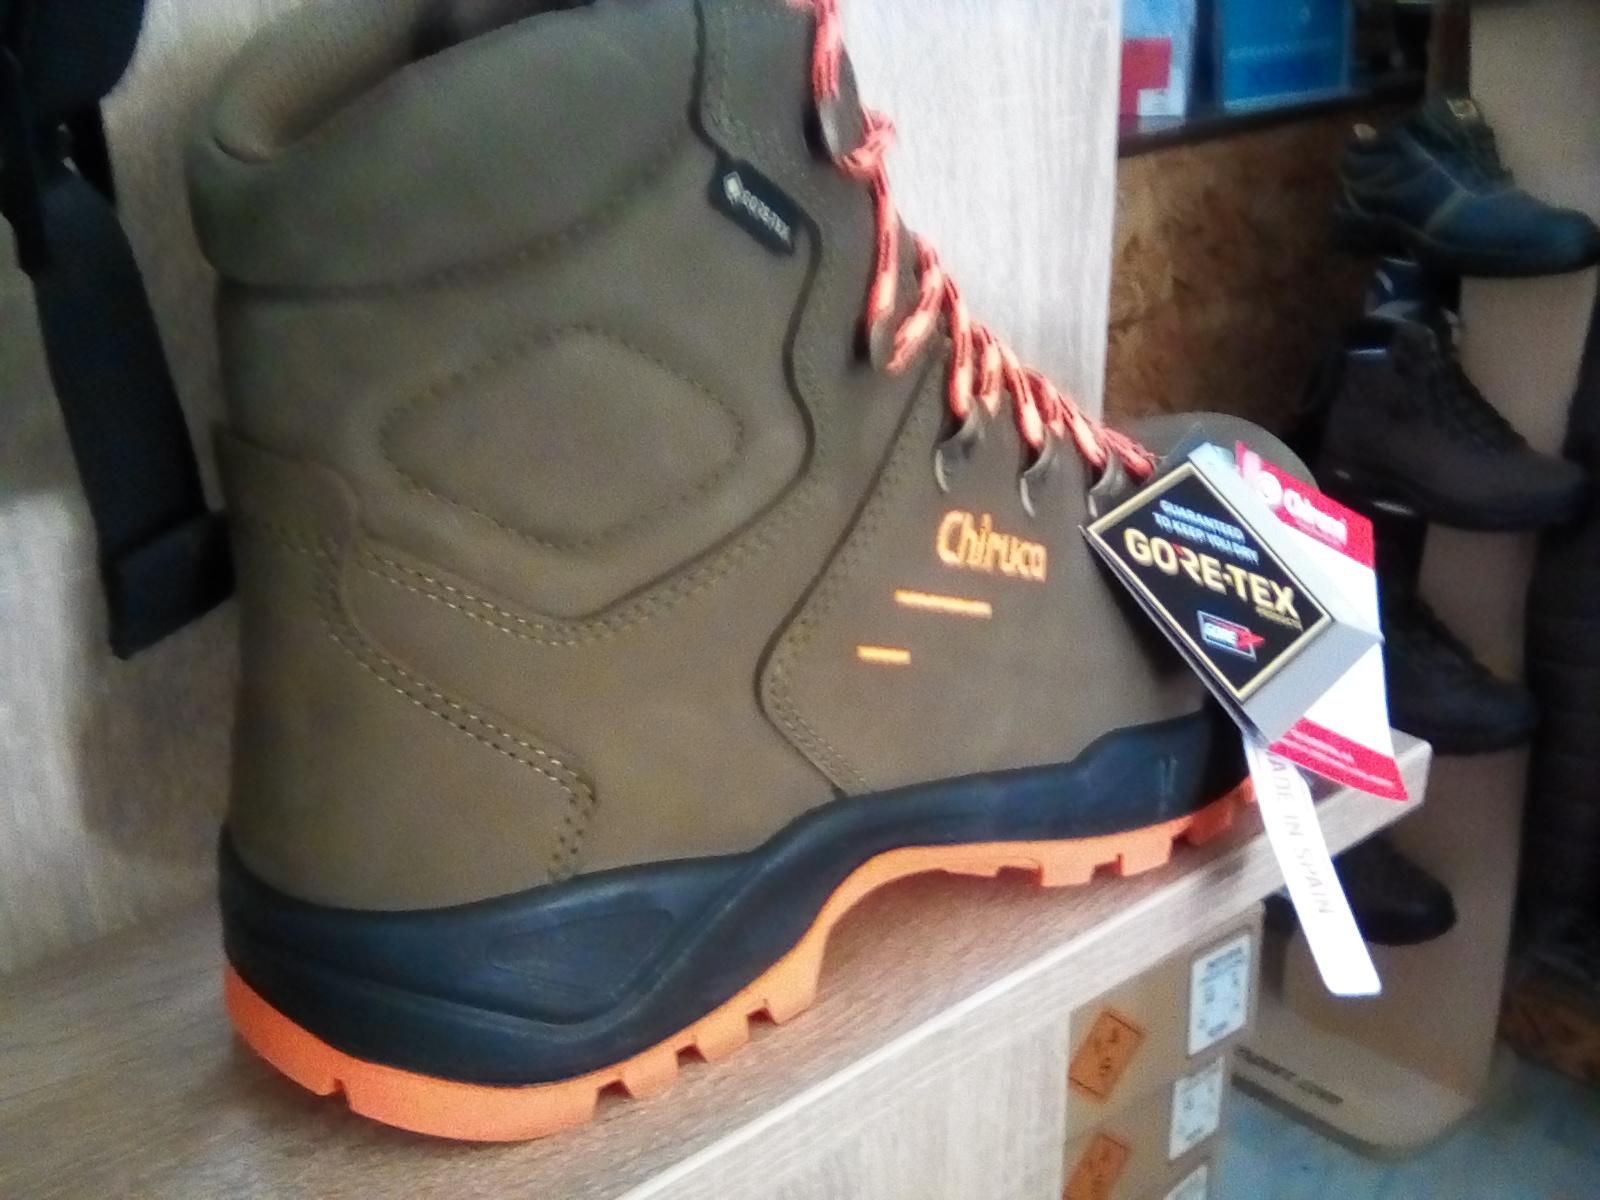 Ορειβατικά παπούτσια  Chiruca  ΒΟΡΒΗΣ Σπάρτη